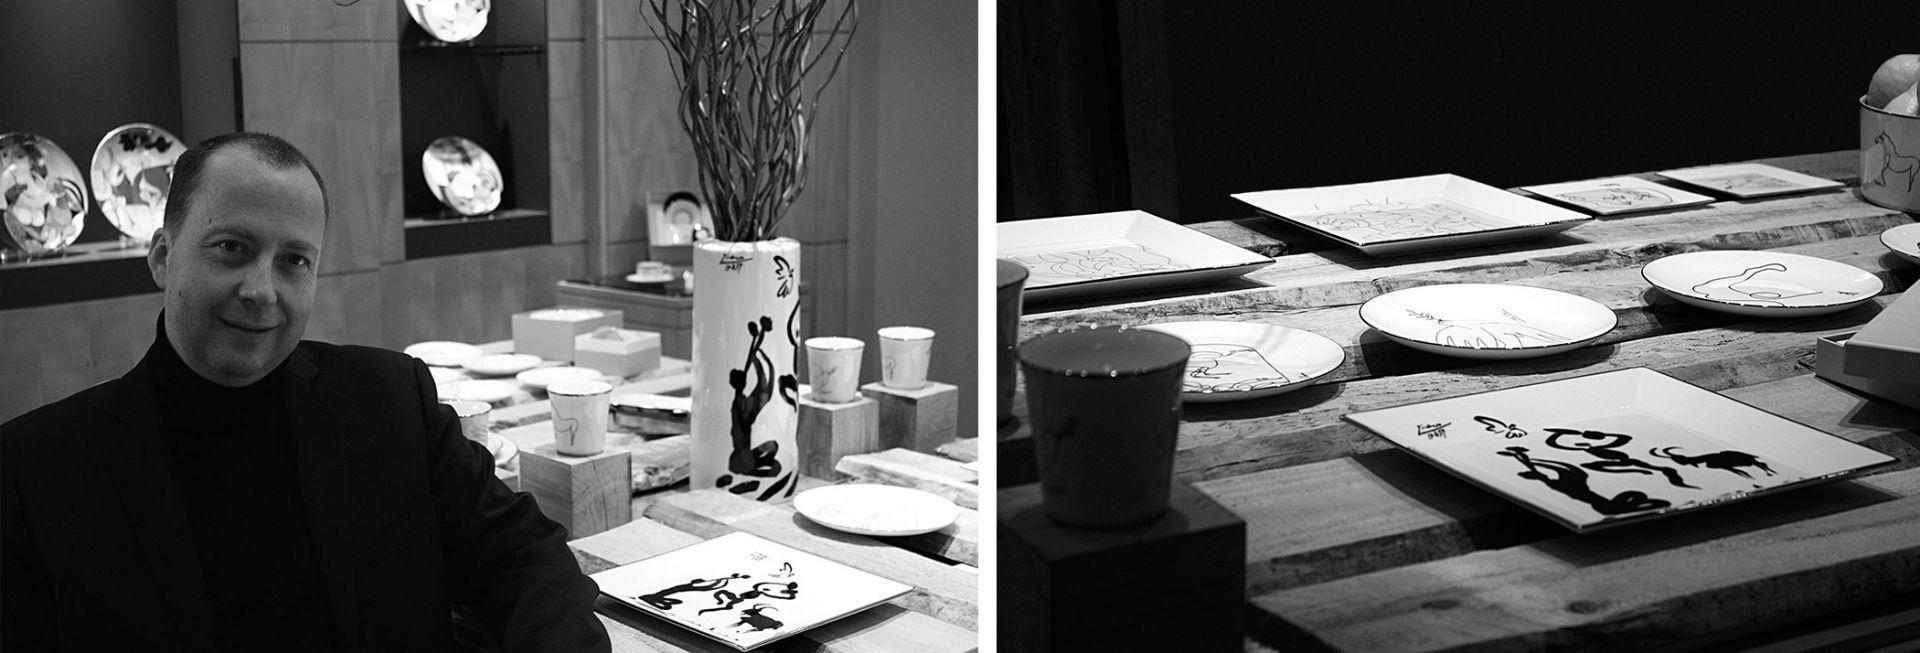 Marc de ladoucette portrait sofitel noir et blanc paris art de la table luxe porcelaine